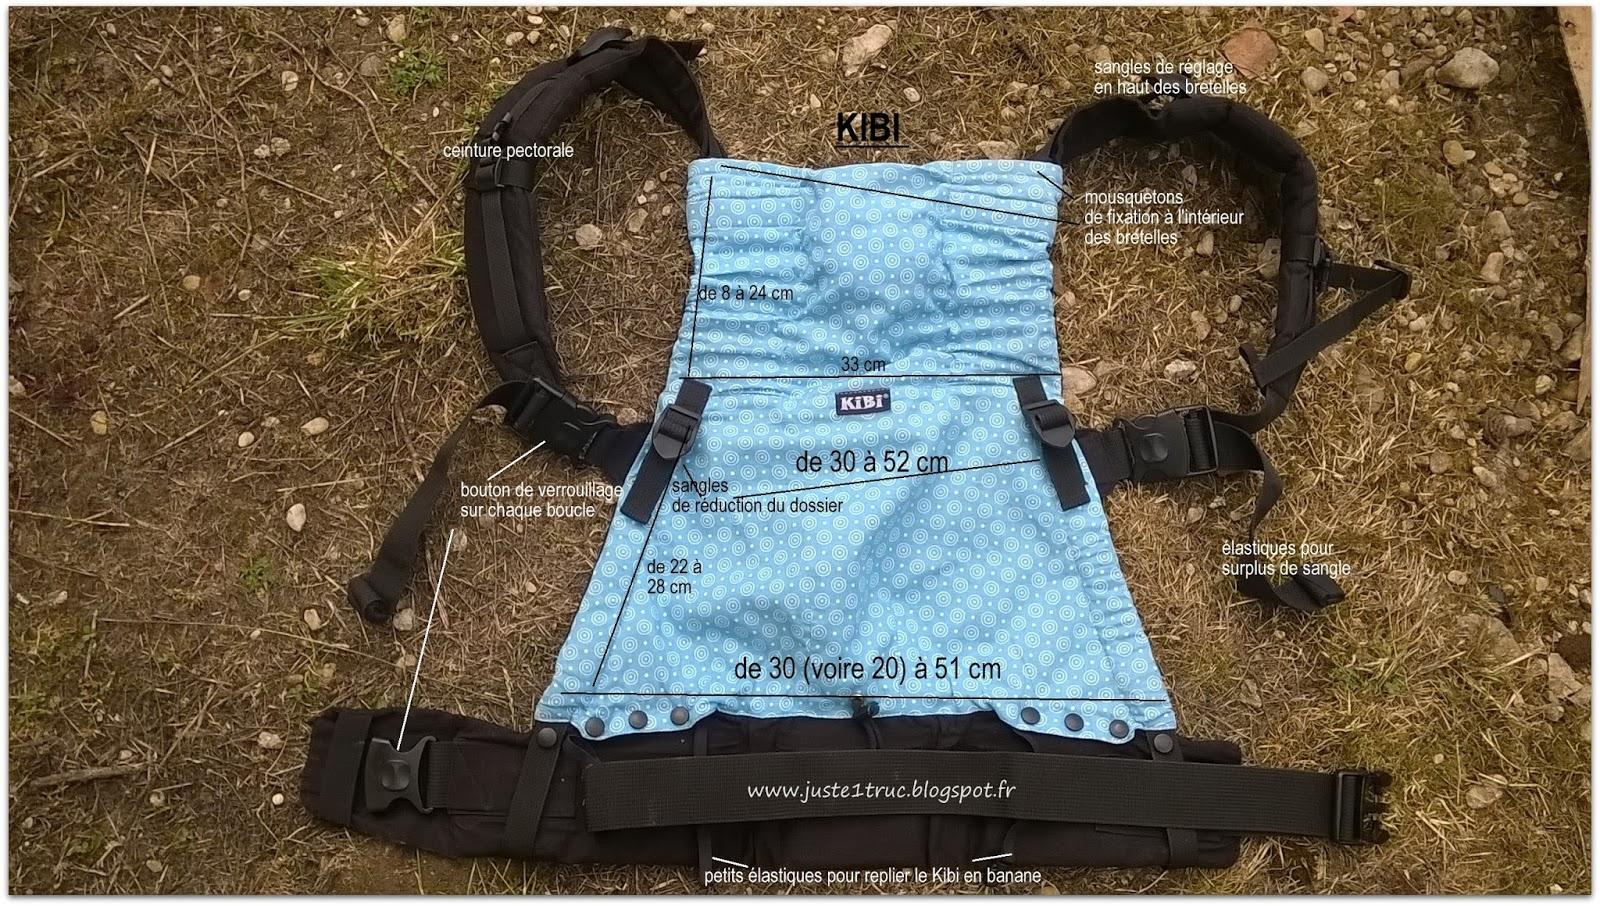 KIBI préformé babywearing babycarrier test avis portage dimensions  caractéristiques taille réglages bébé bambin 08ff25e763e